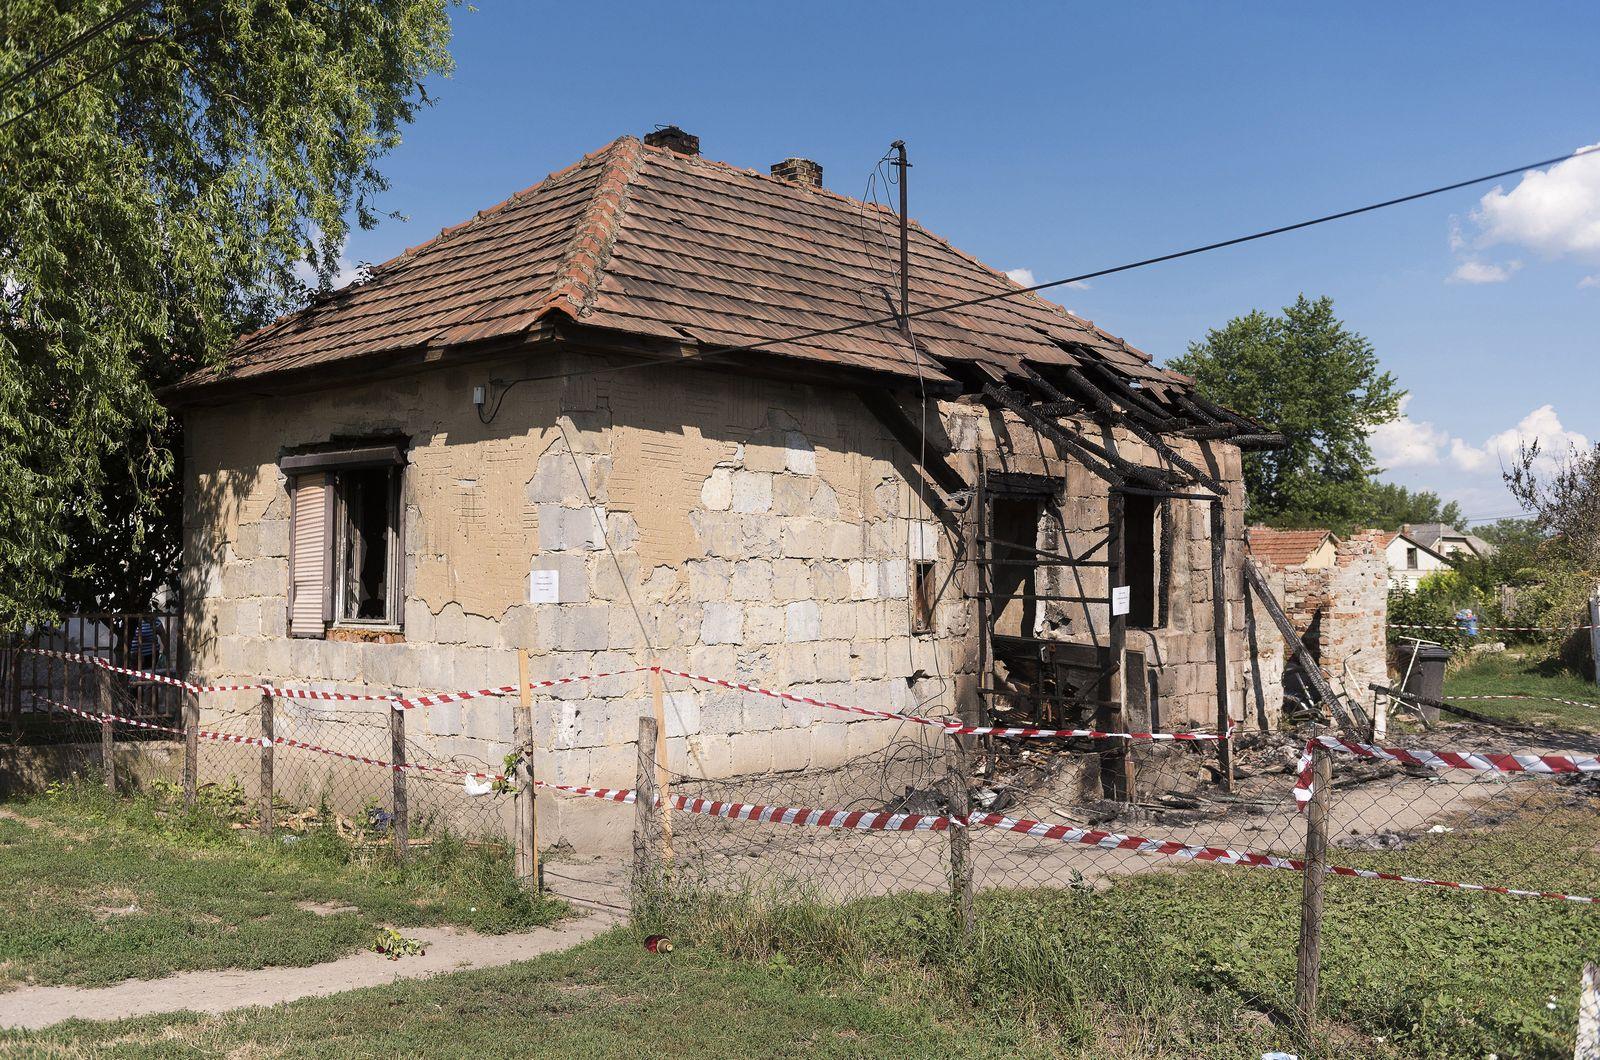 Részeg lehetett, amikor rágyújtotta a házat a családra a mezőcsáti férfi